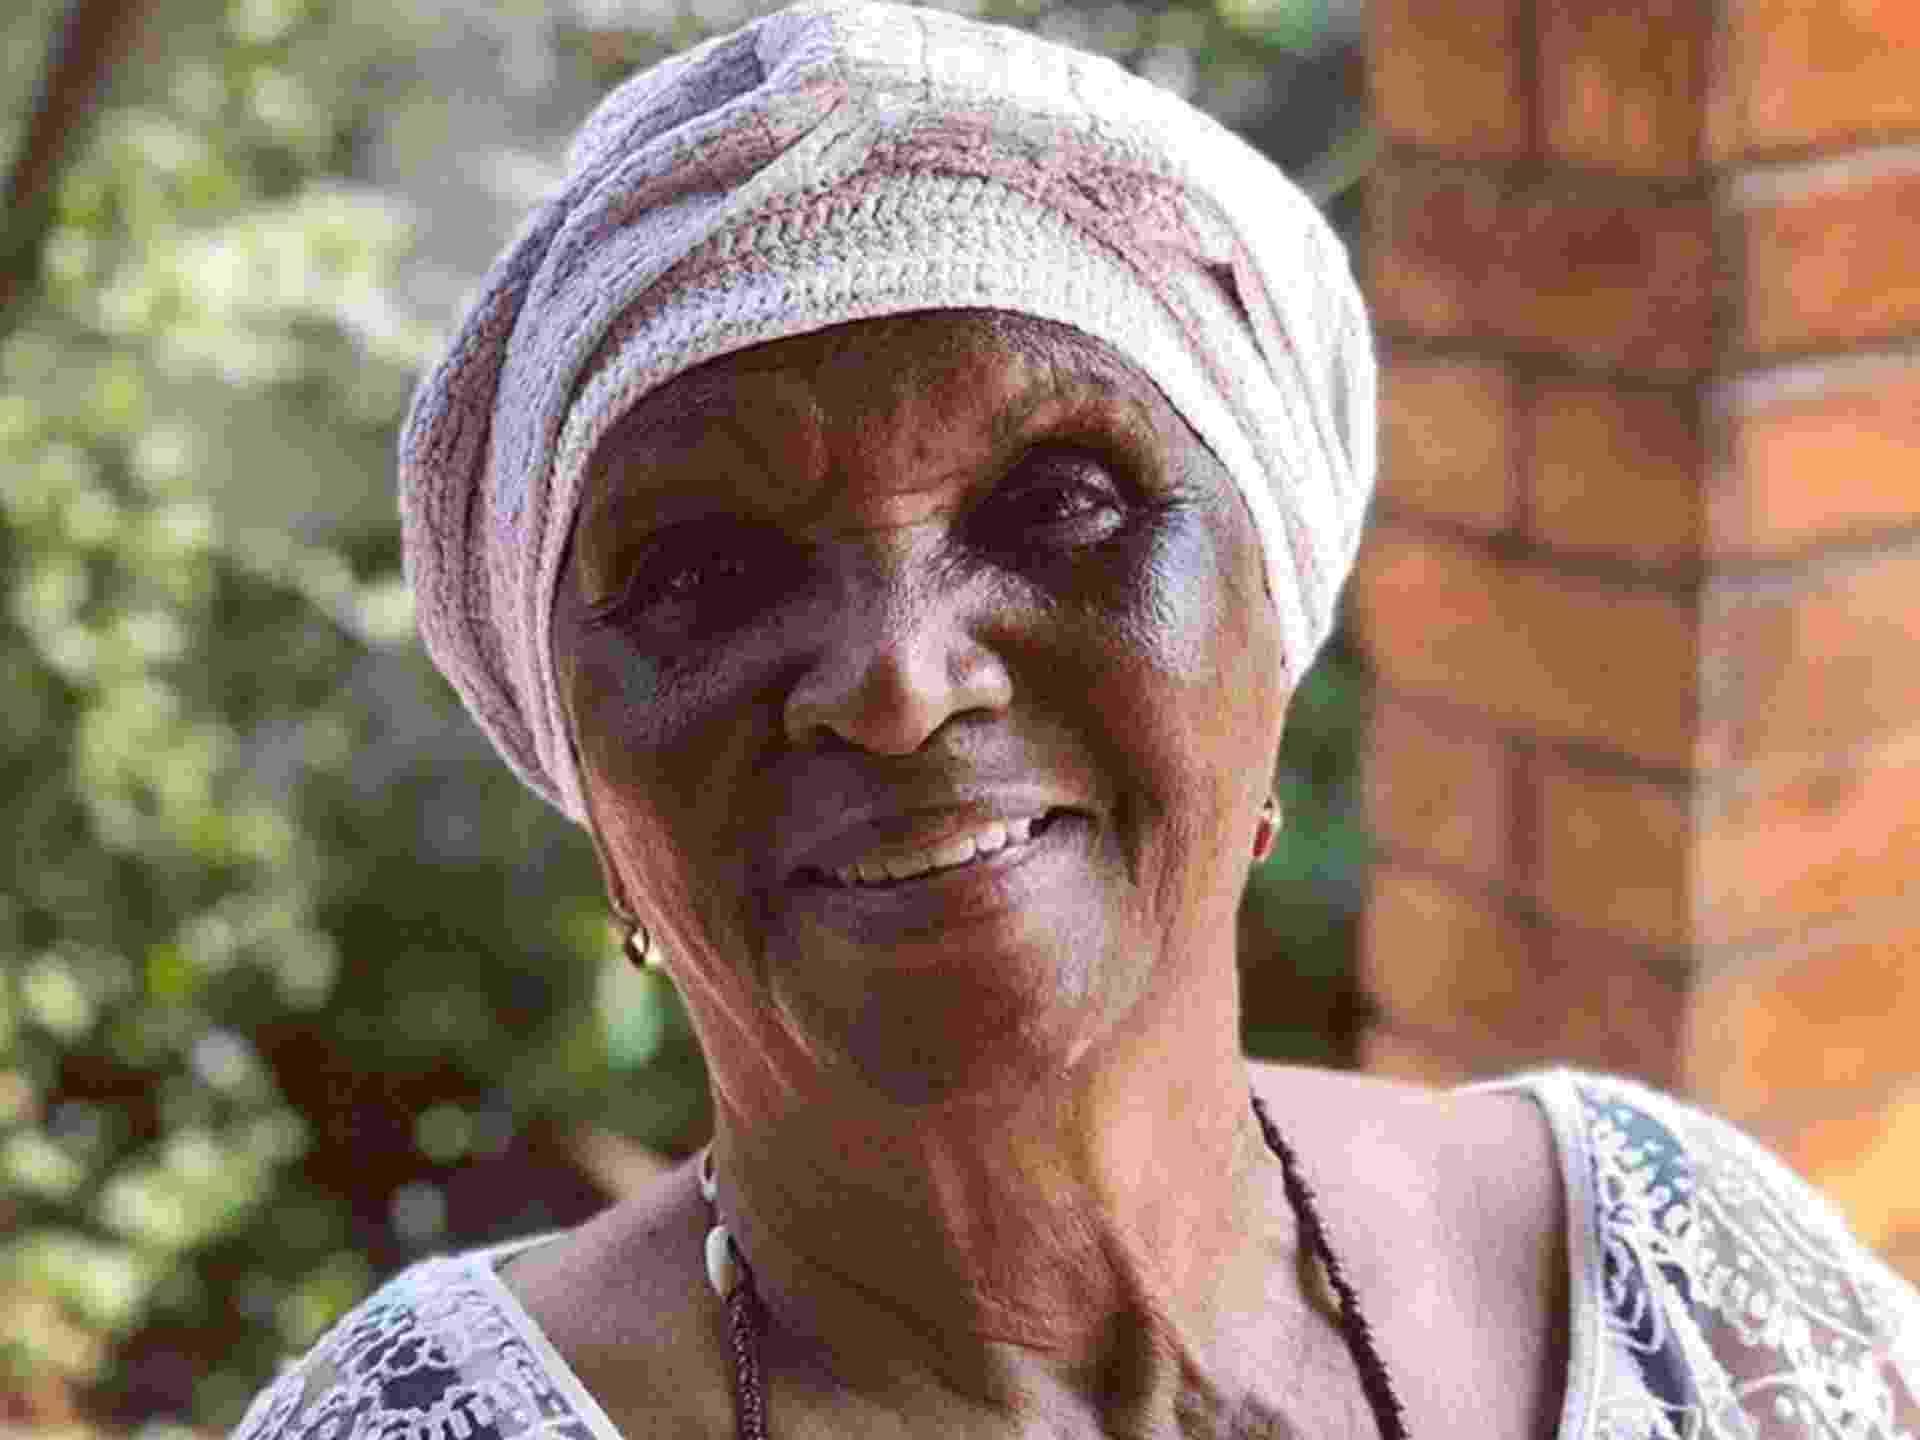 Chica Xavier morre aos 88 anos no Rio de Janeiro - Reprodução / Internet